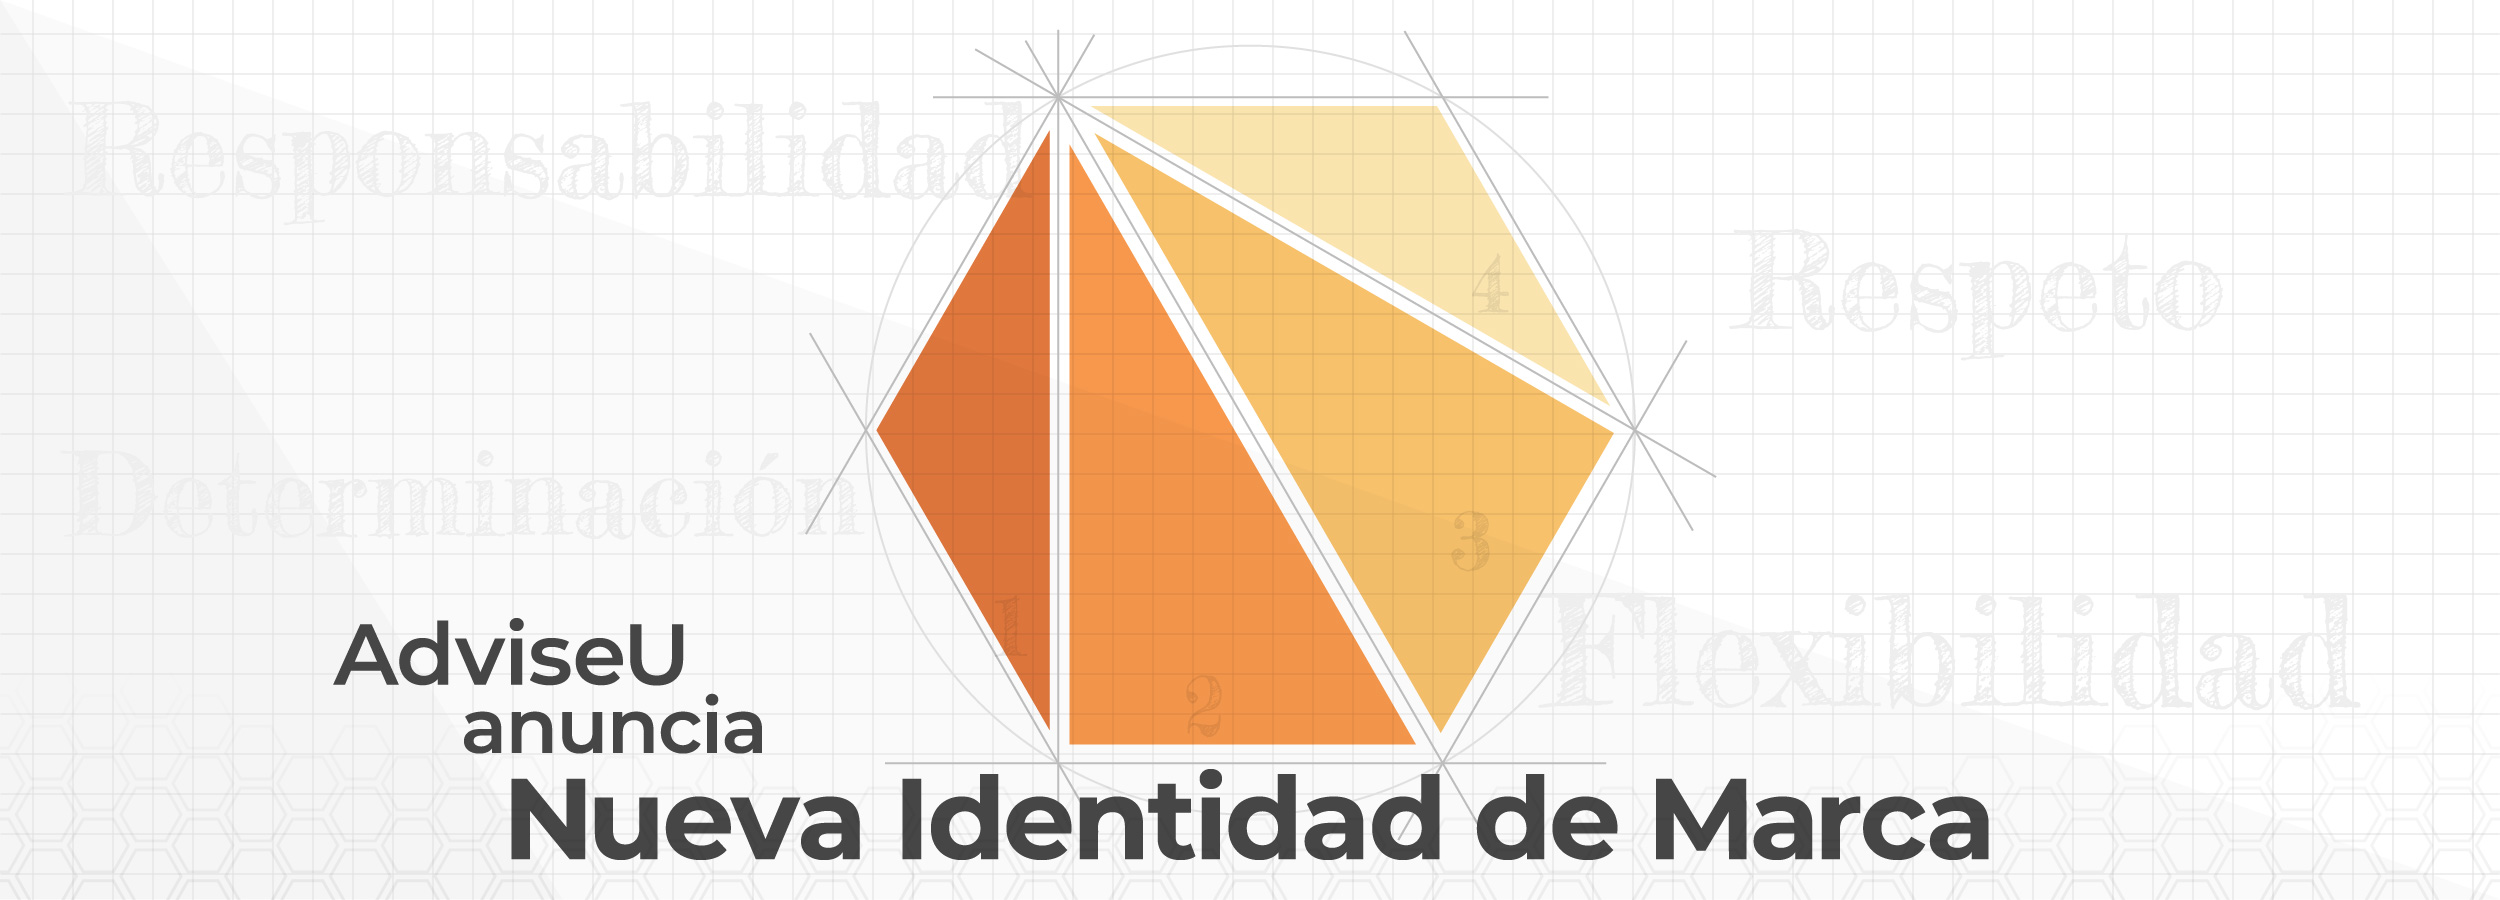 AdviseU Anuncia Nueva Identidad de Marca